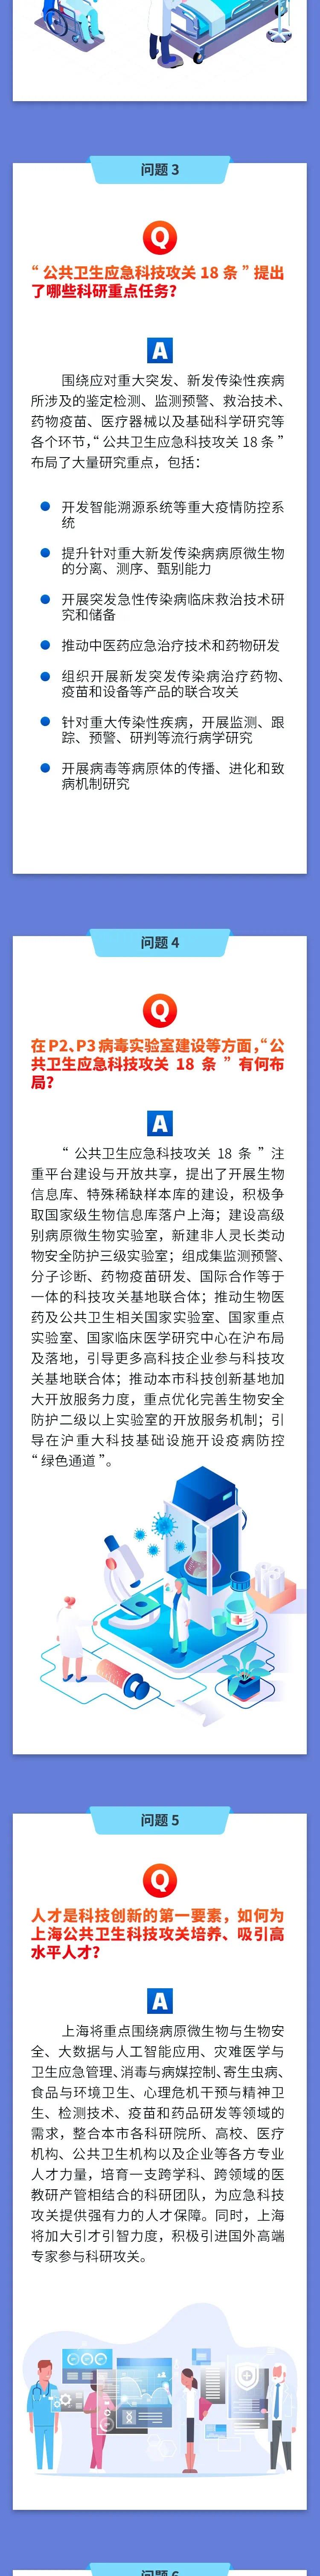 来源 上海观察